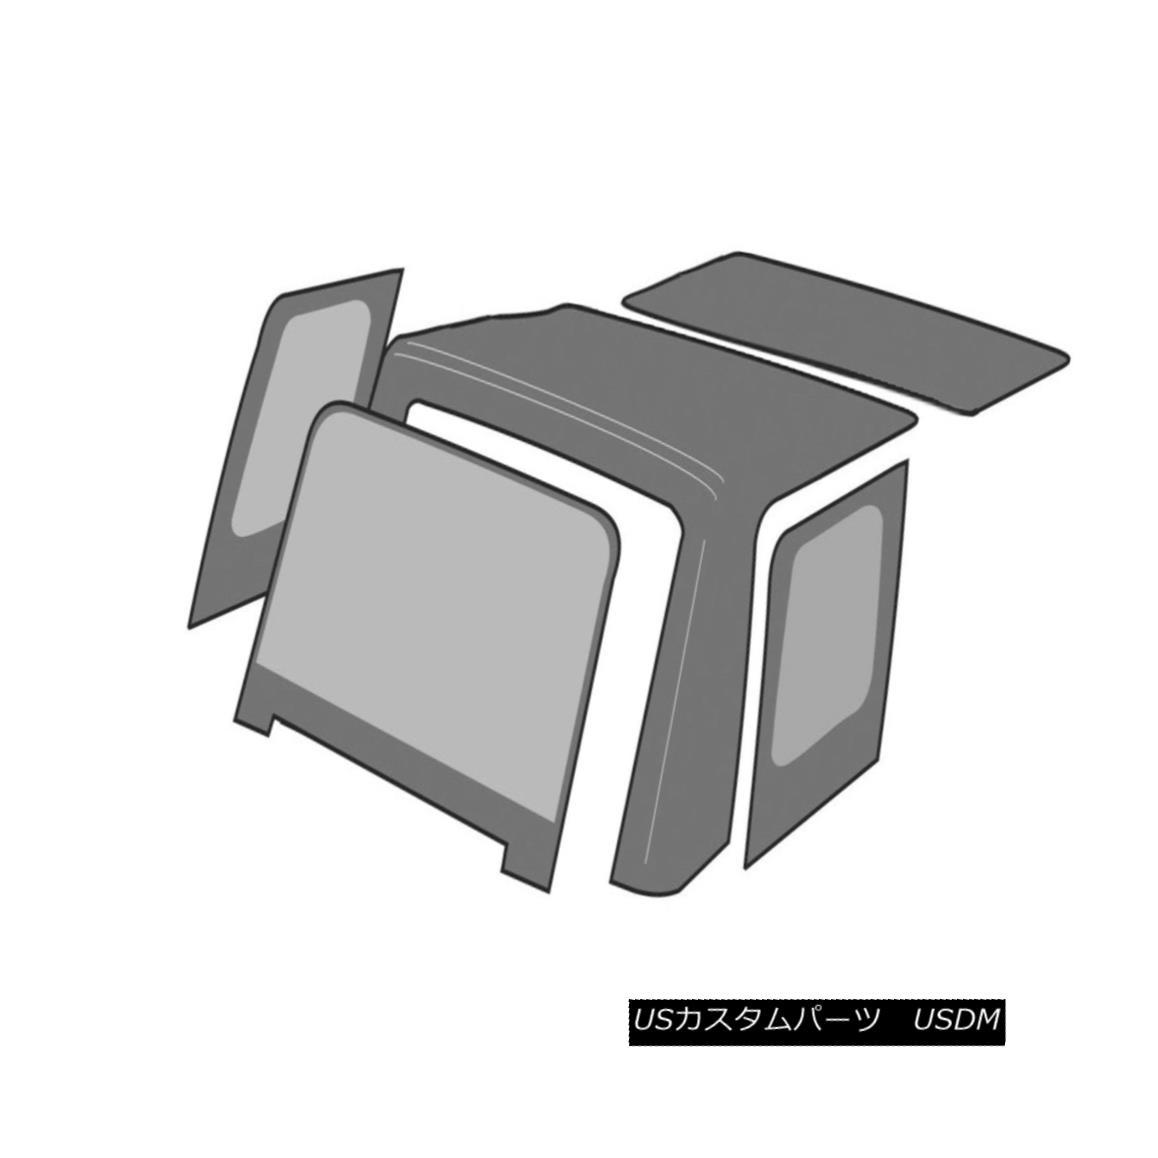 幌・ソフトトップ Rampage 912935 Factory Replacement Soft Top Fits 97-06 Wrangler (TJ) Rampage 912935工場交換ソフトトップフィット97-06 Wrangler(TJ)